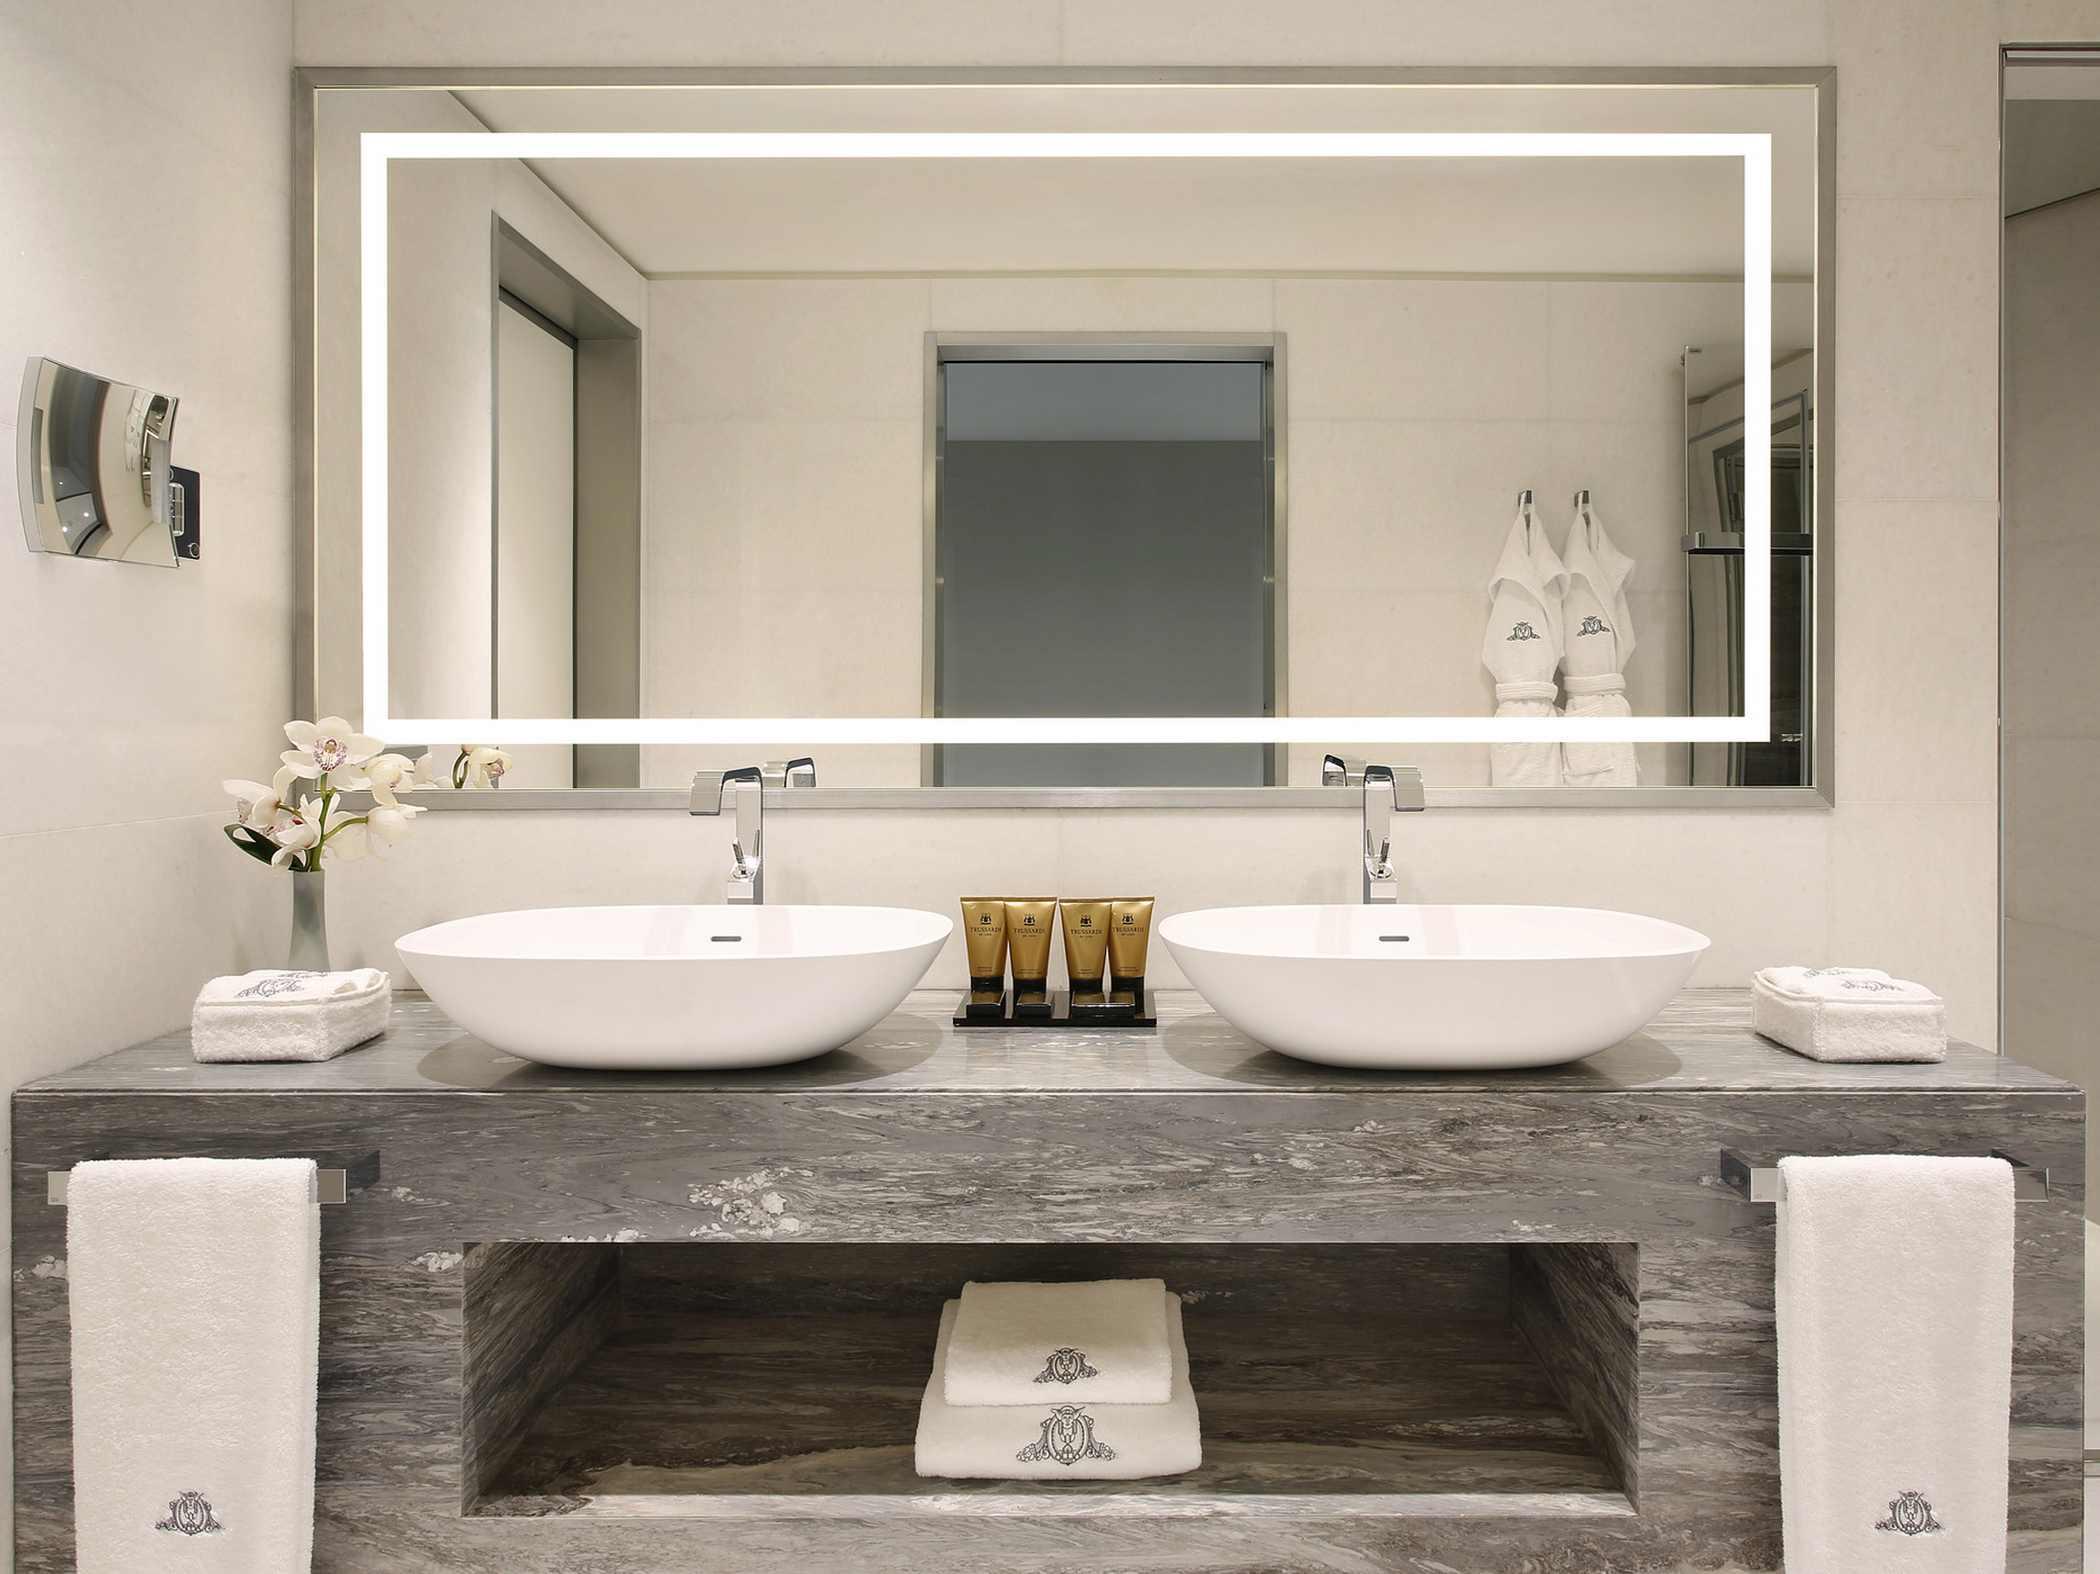 excelsior-hotel-gallia-katara-suite-kids-room-bathroom